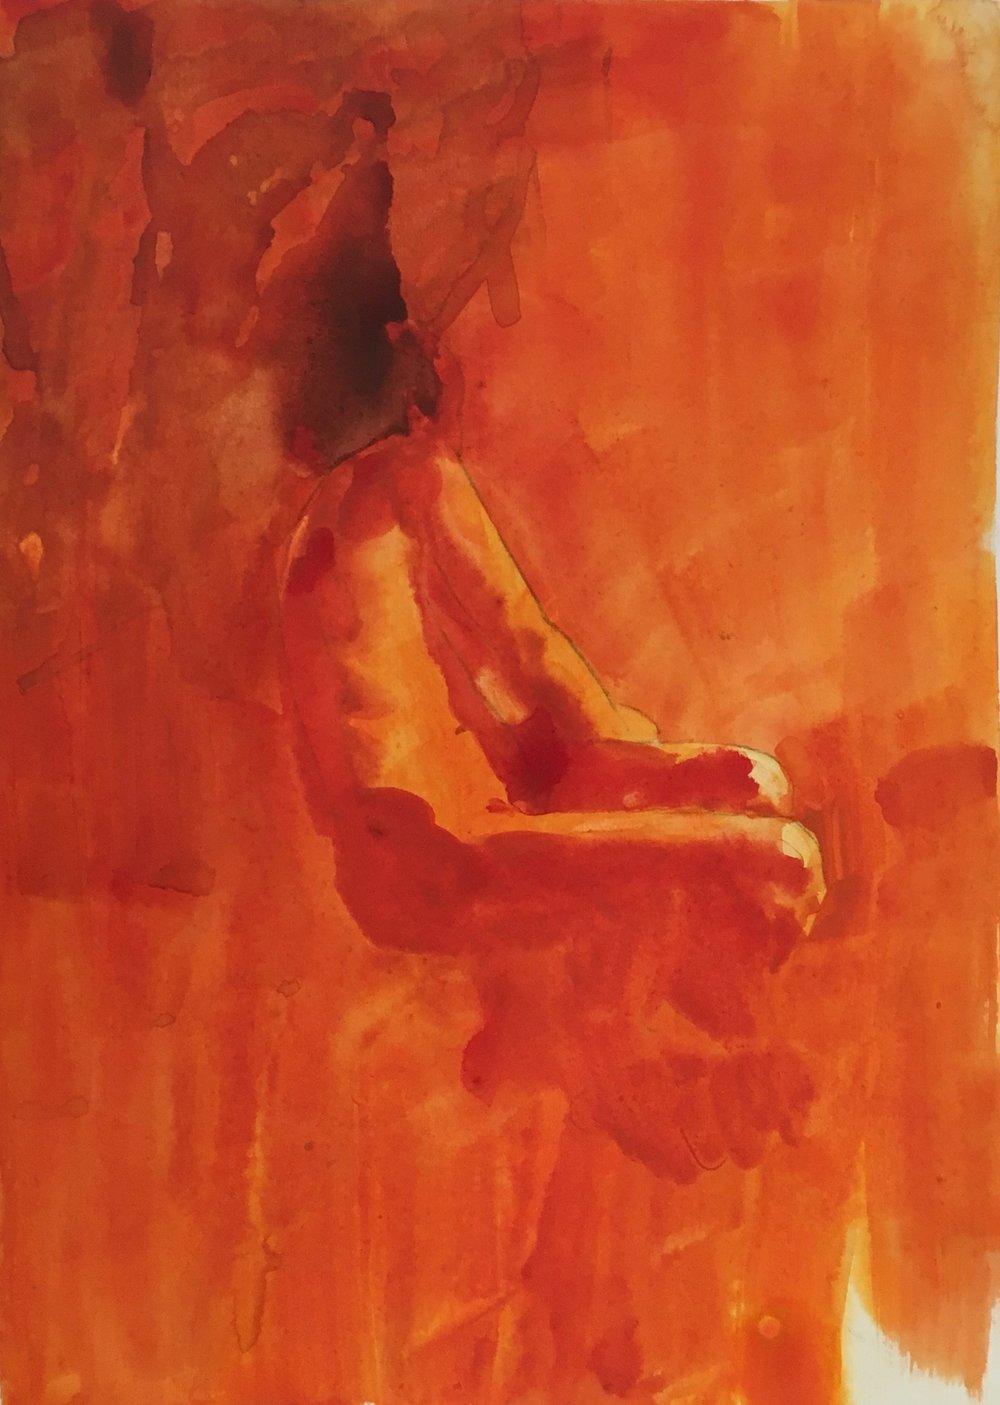 Nowhere Man, 40 x 30 cm, Watercolour, £300